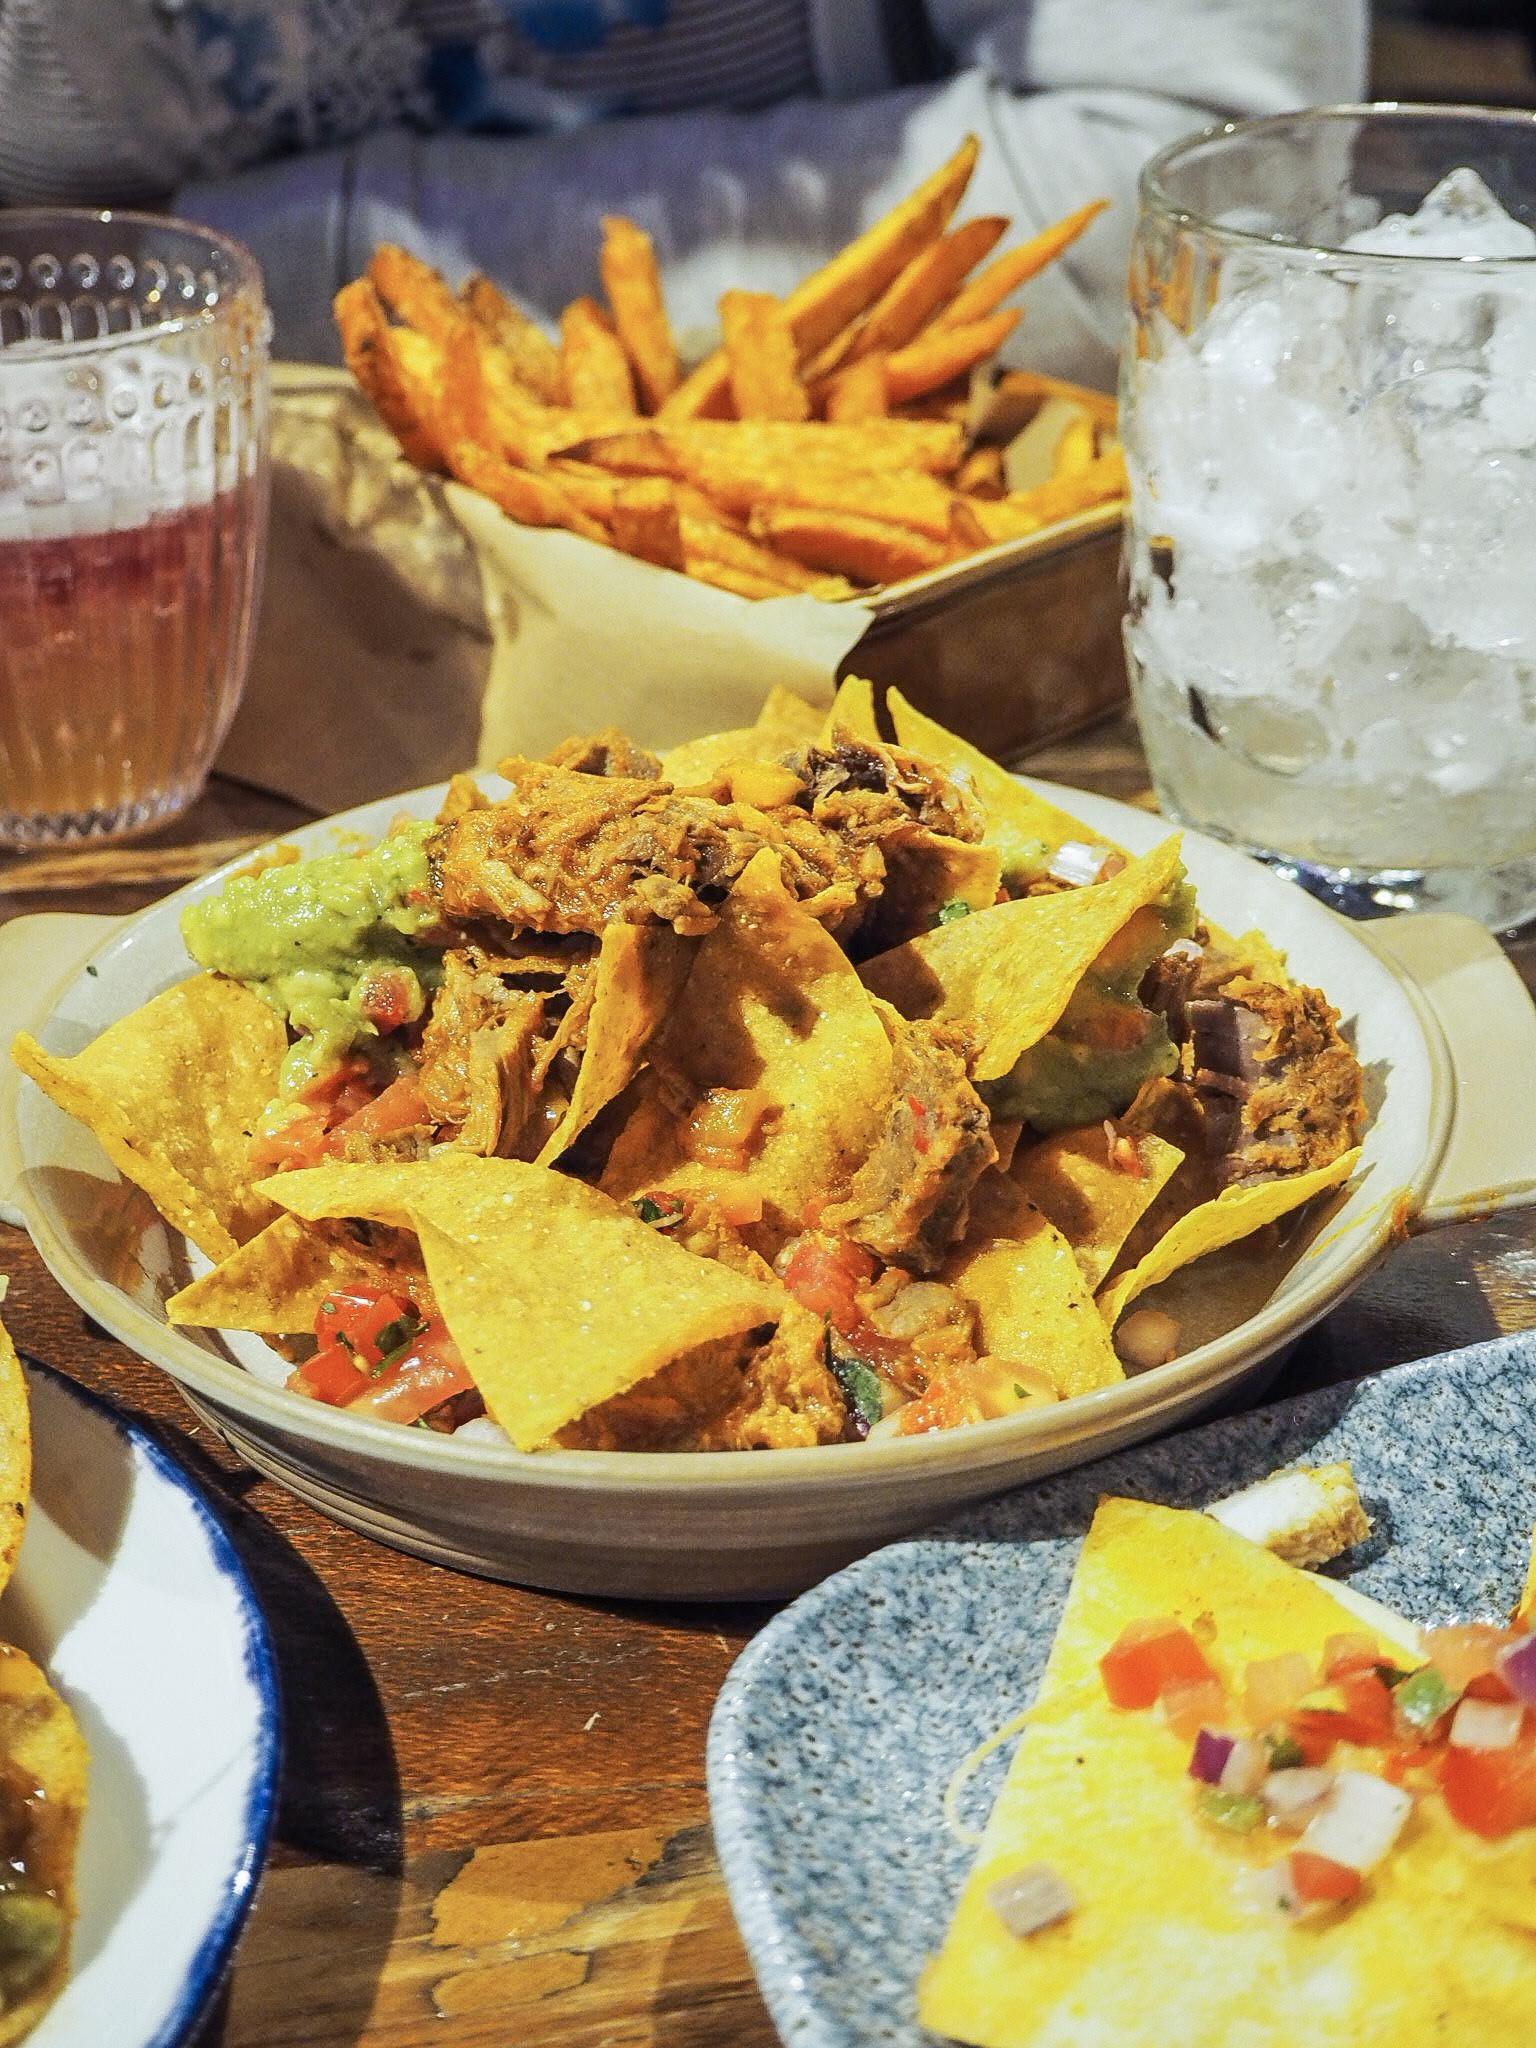 beef nachos at revolucion de cuba